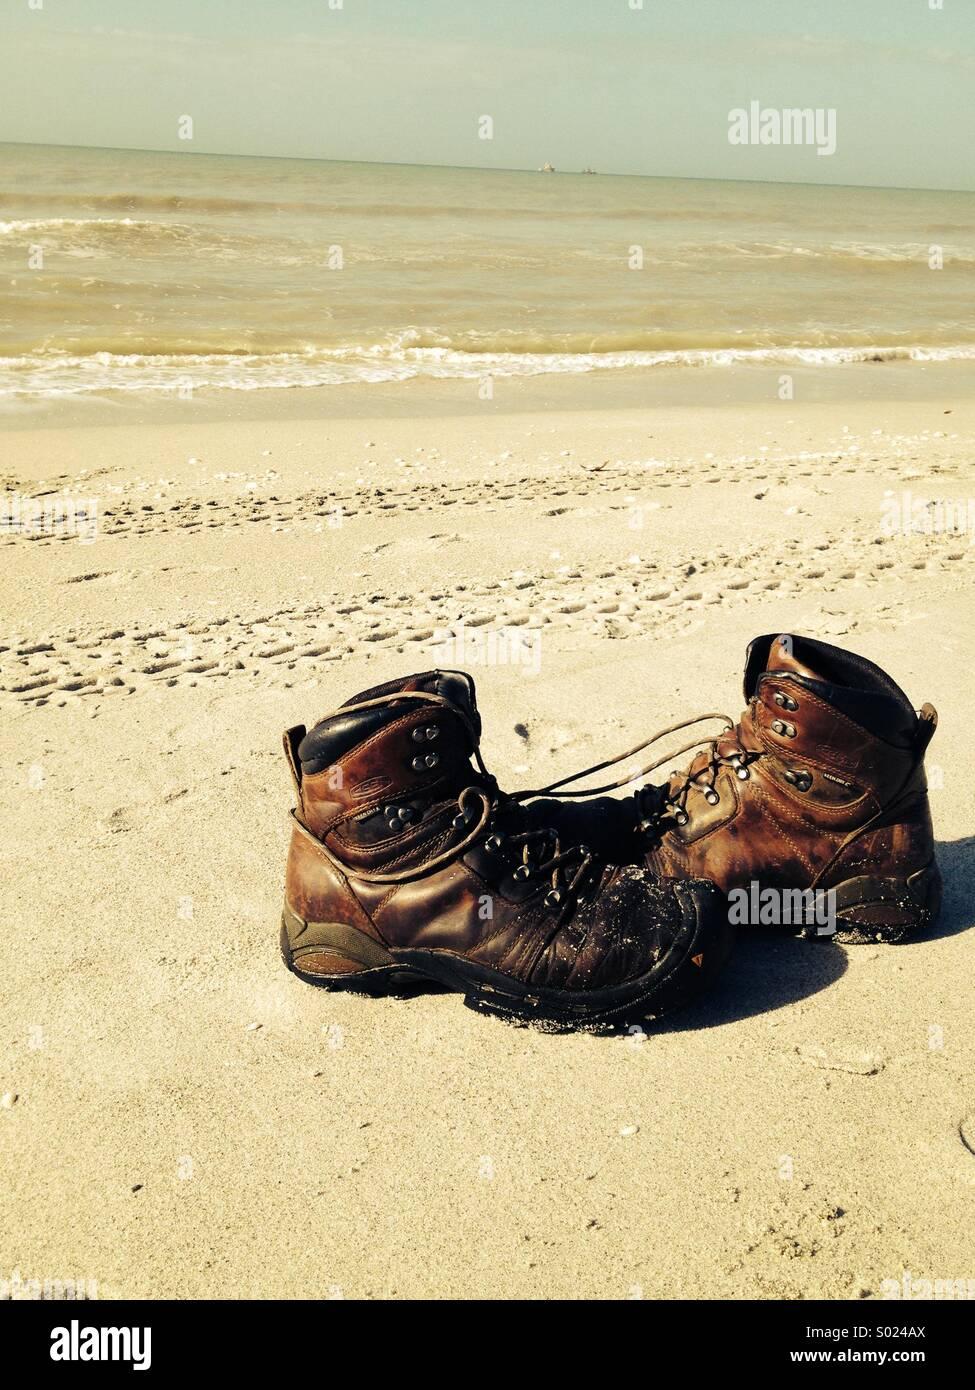 Stivali sulla spiaggia Immagini Stock